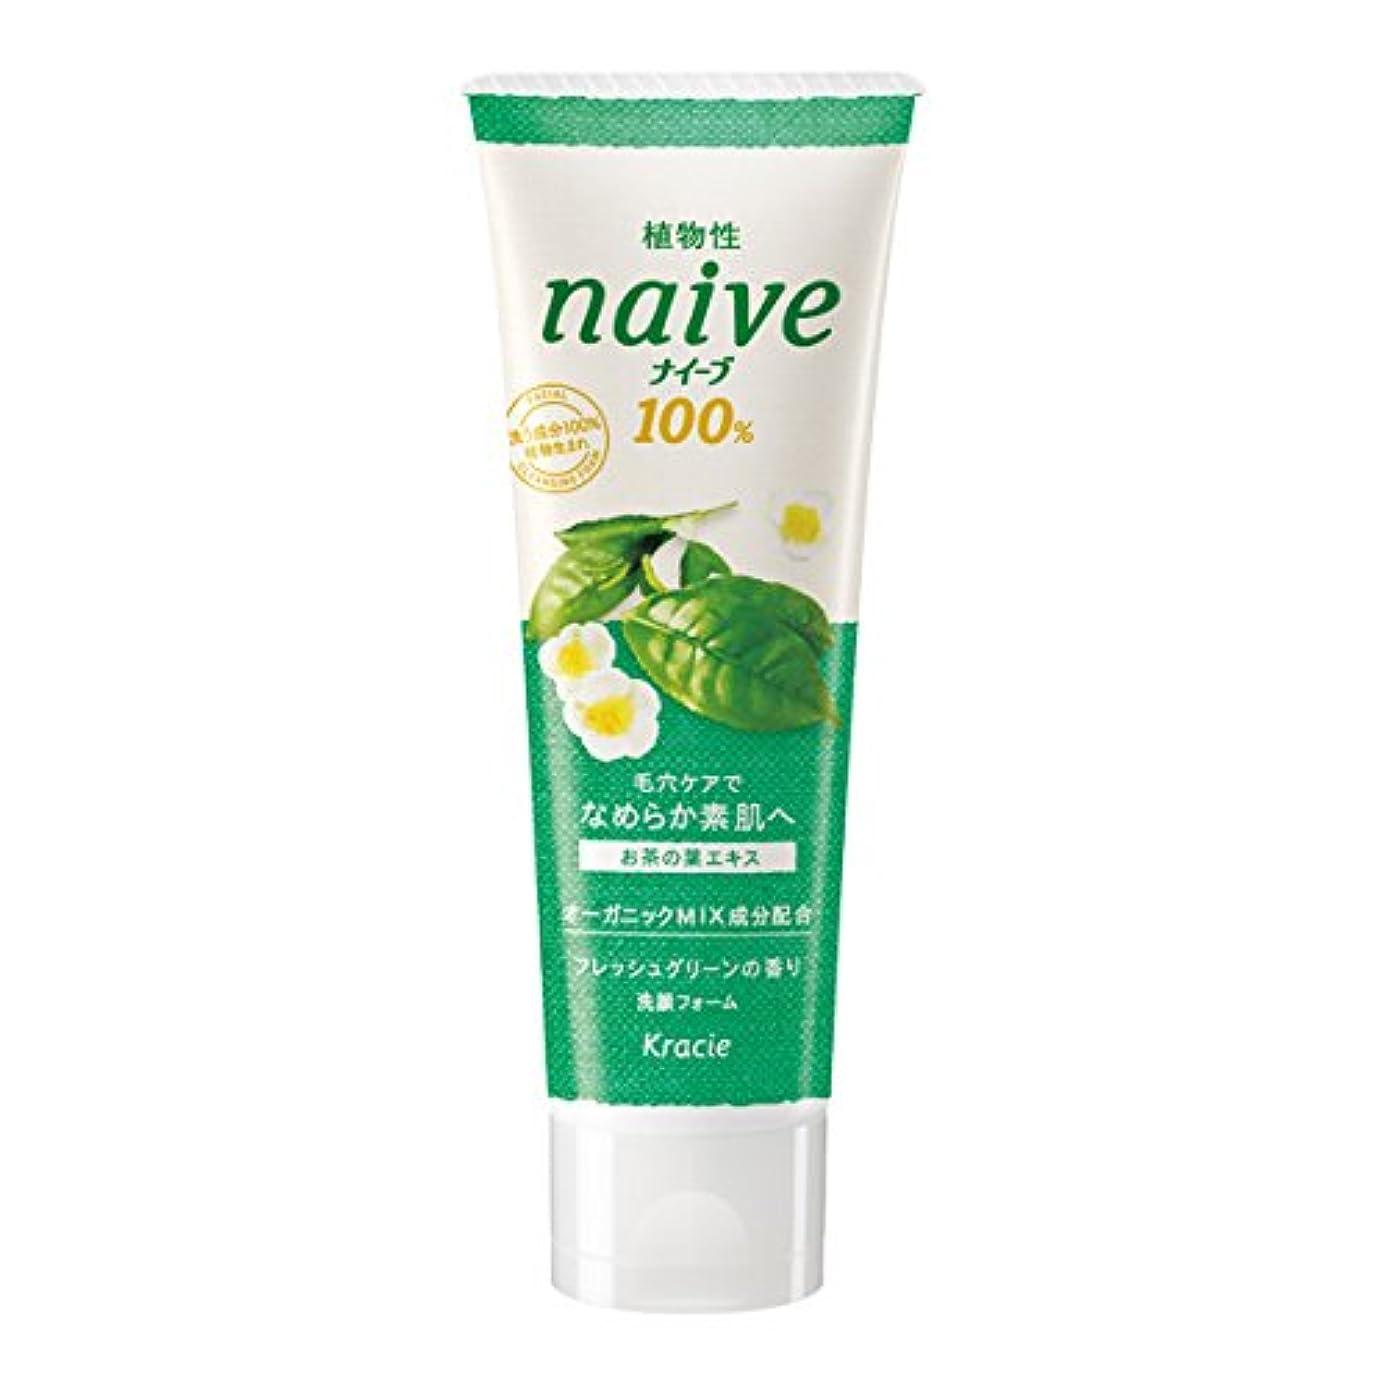 略す適合製造ナイーブ 洗顔フォーム (お茶の葉エキス配合) 110g